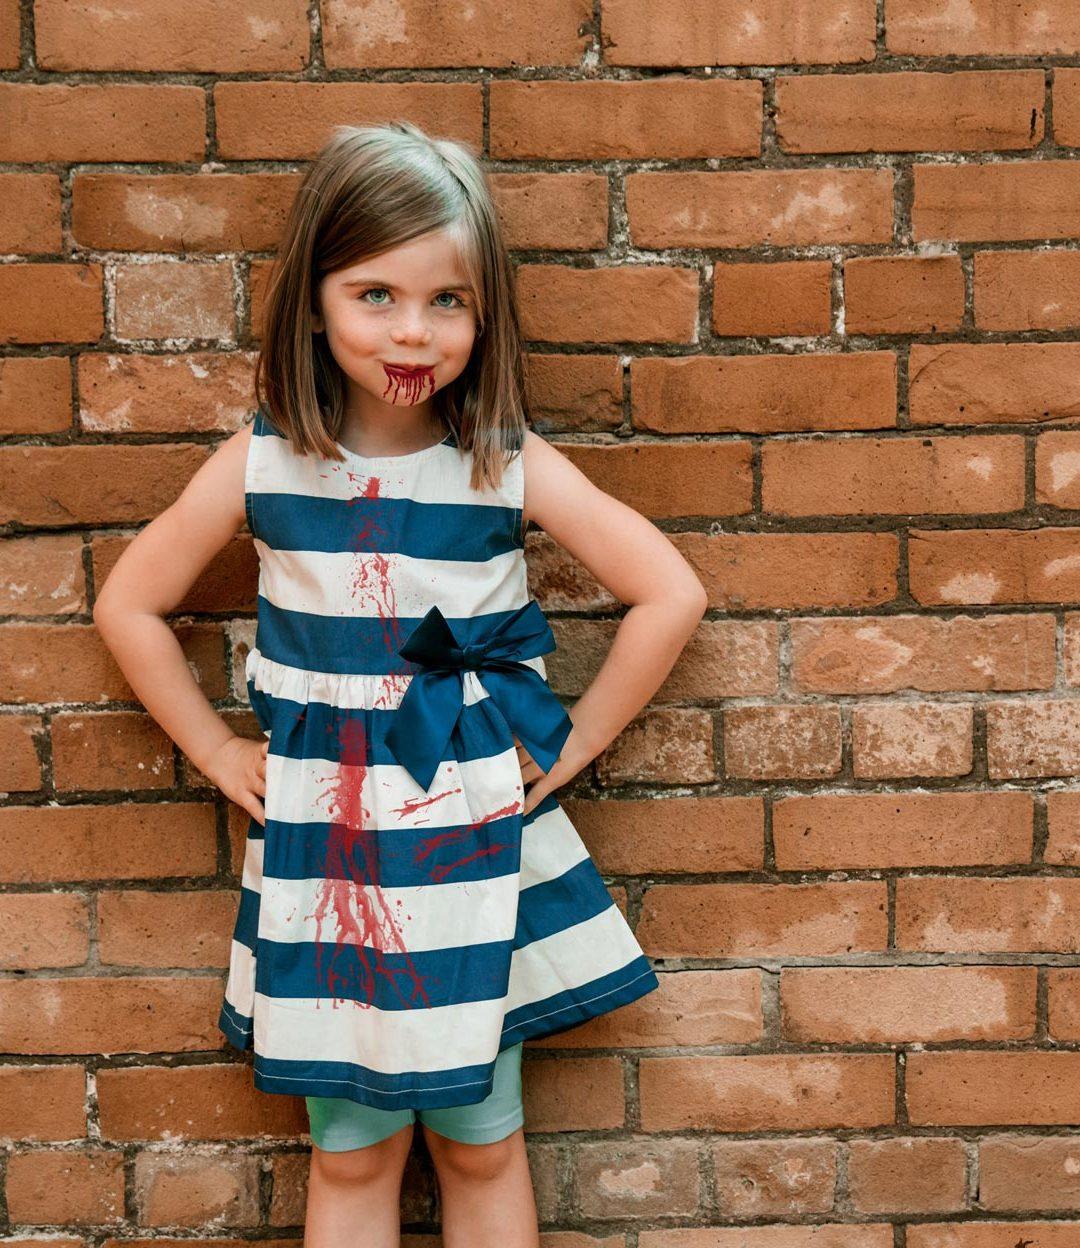 Fait divers : un pitbull sauvagement blessé par une fillette de 4 ans